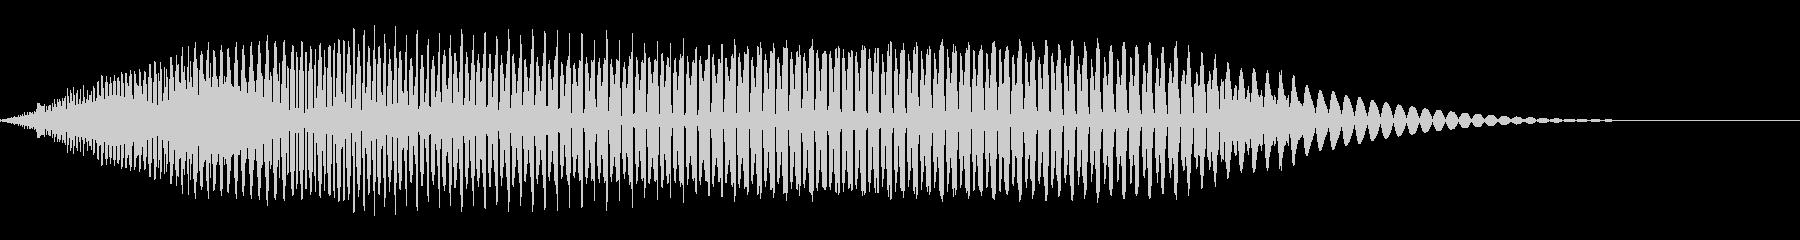 ブーン…(ワープ/転送装置/SF)の未再生の波形